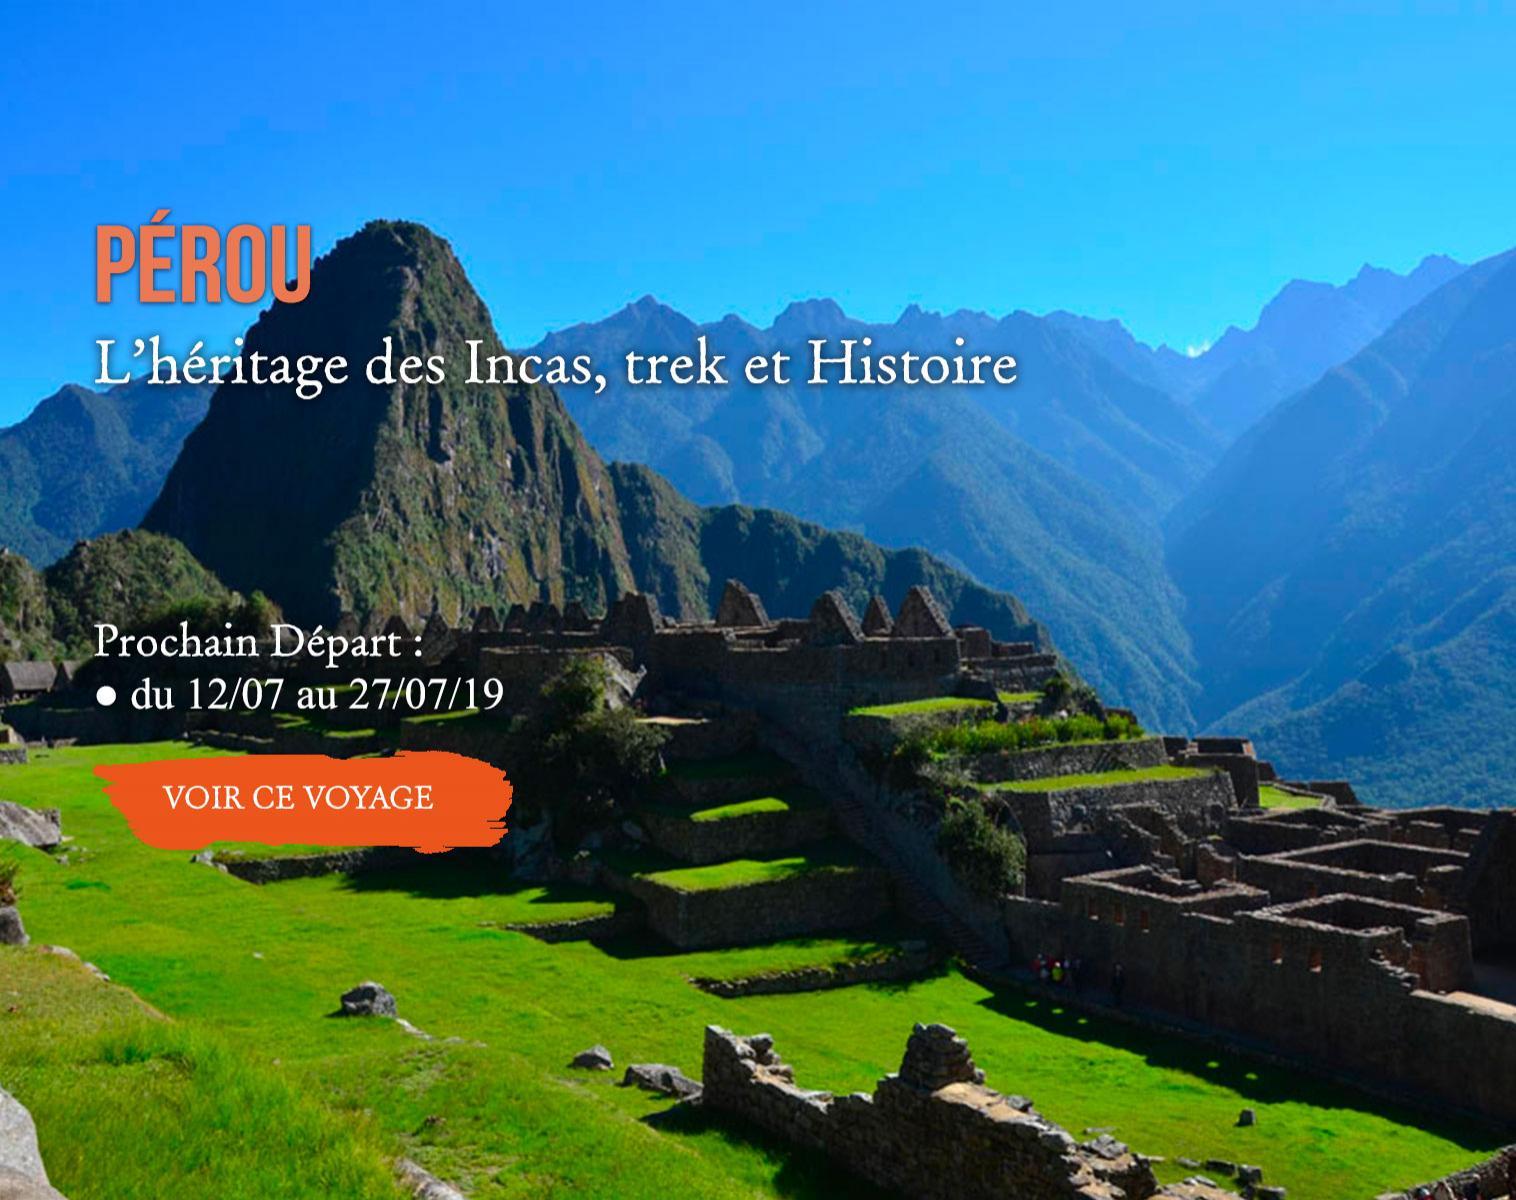 Pérou, L'héritage des Incas, trek et Histoire